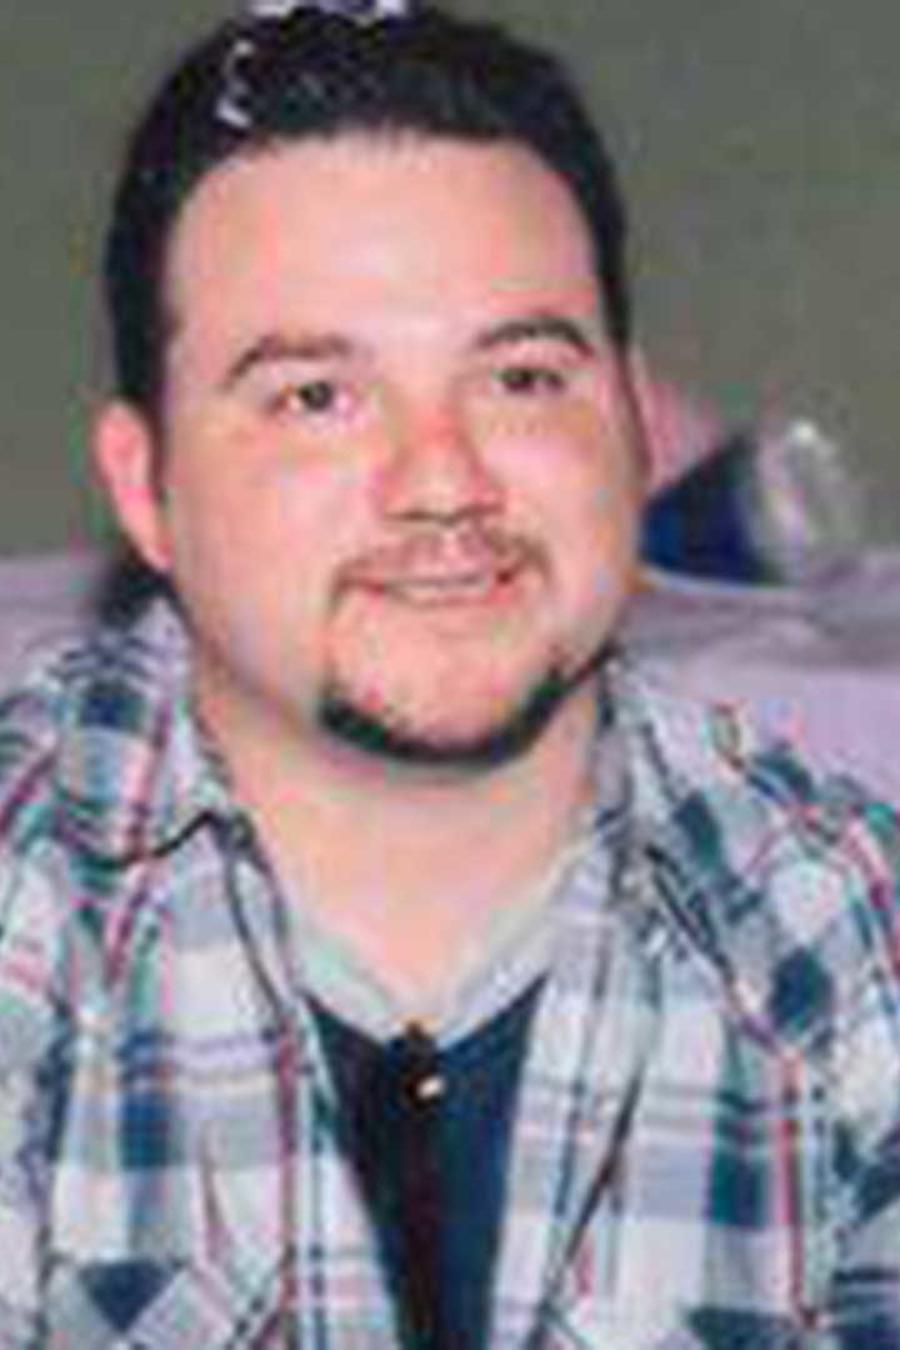 El inmigrante mexicano Ramón Ruiz deportado el mismo día que asistió a la cita con inmigración para obtener la residencia